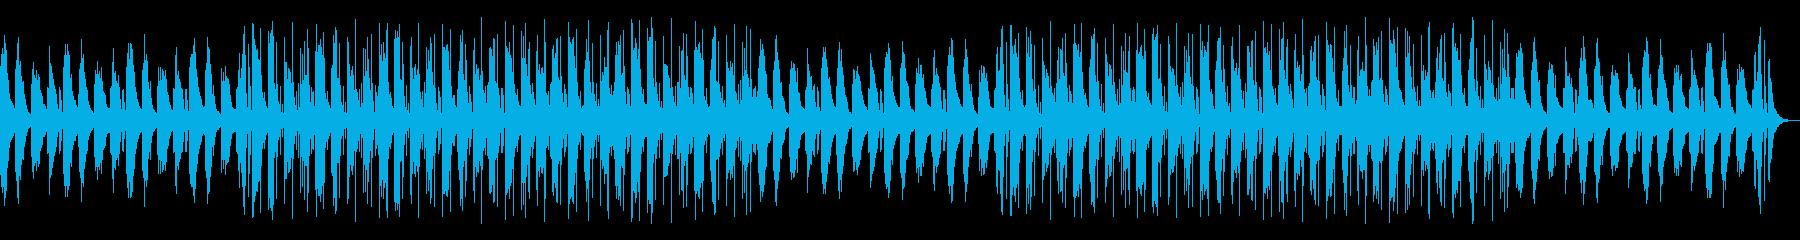 おしゃれ優しいYouTubeチルアウトの再生済みの波形